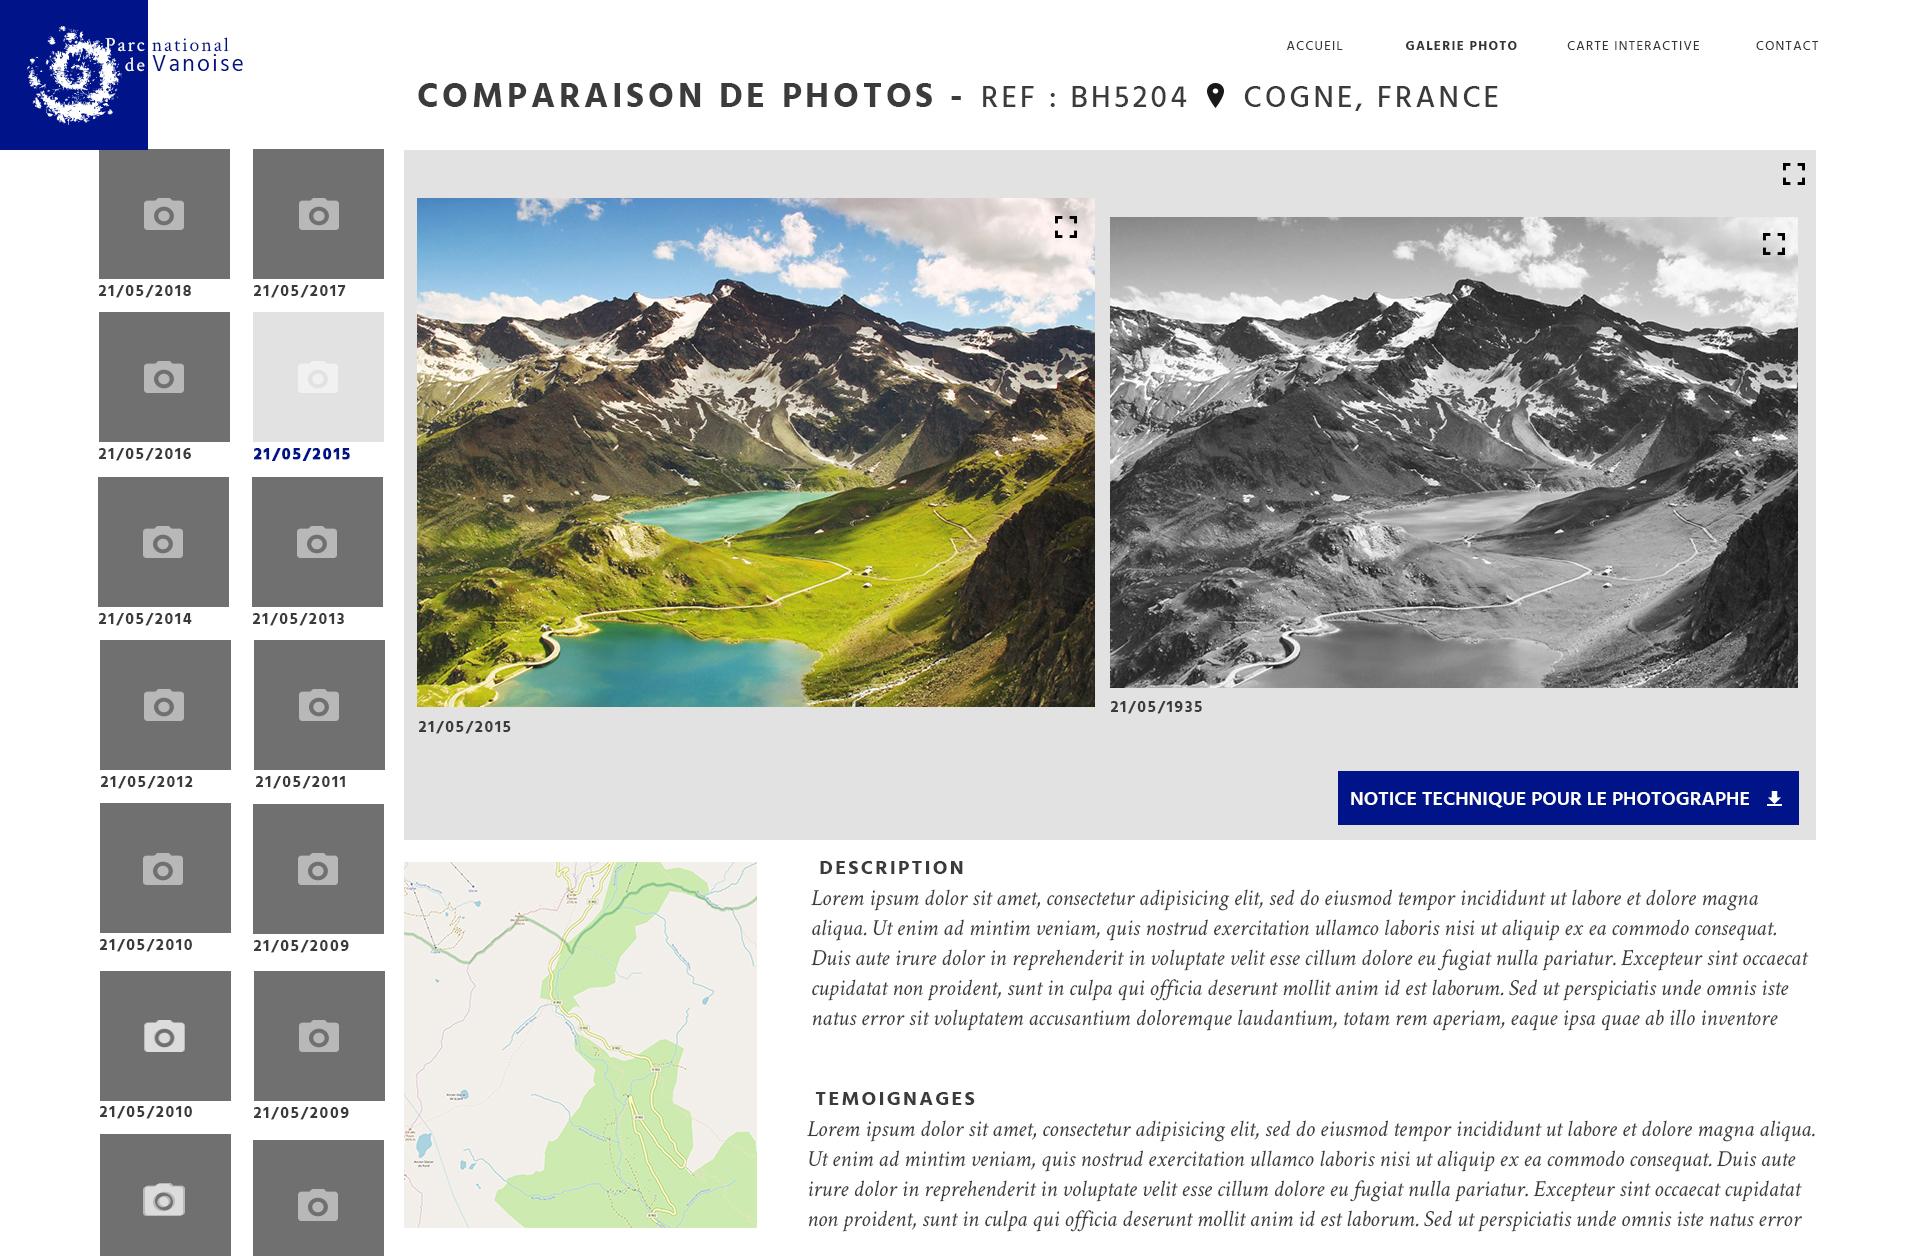 Observatoire photographique des paysages - comparaison de photos